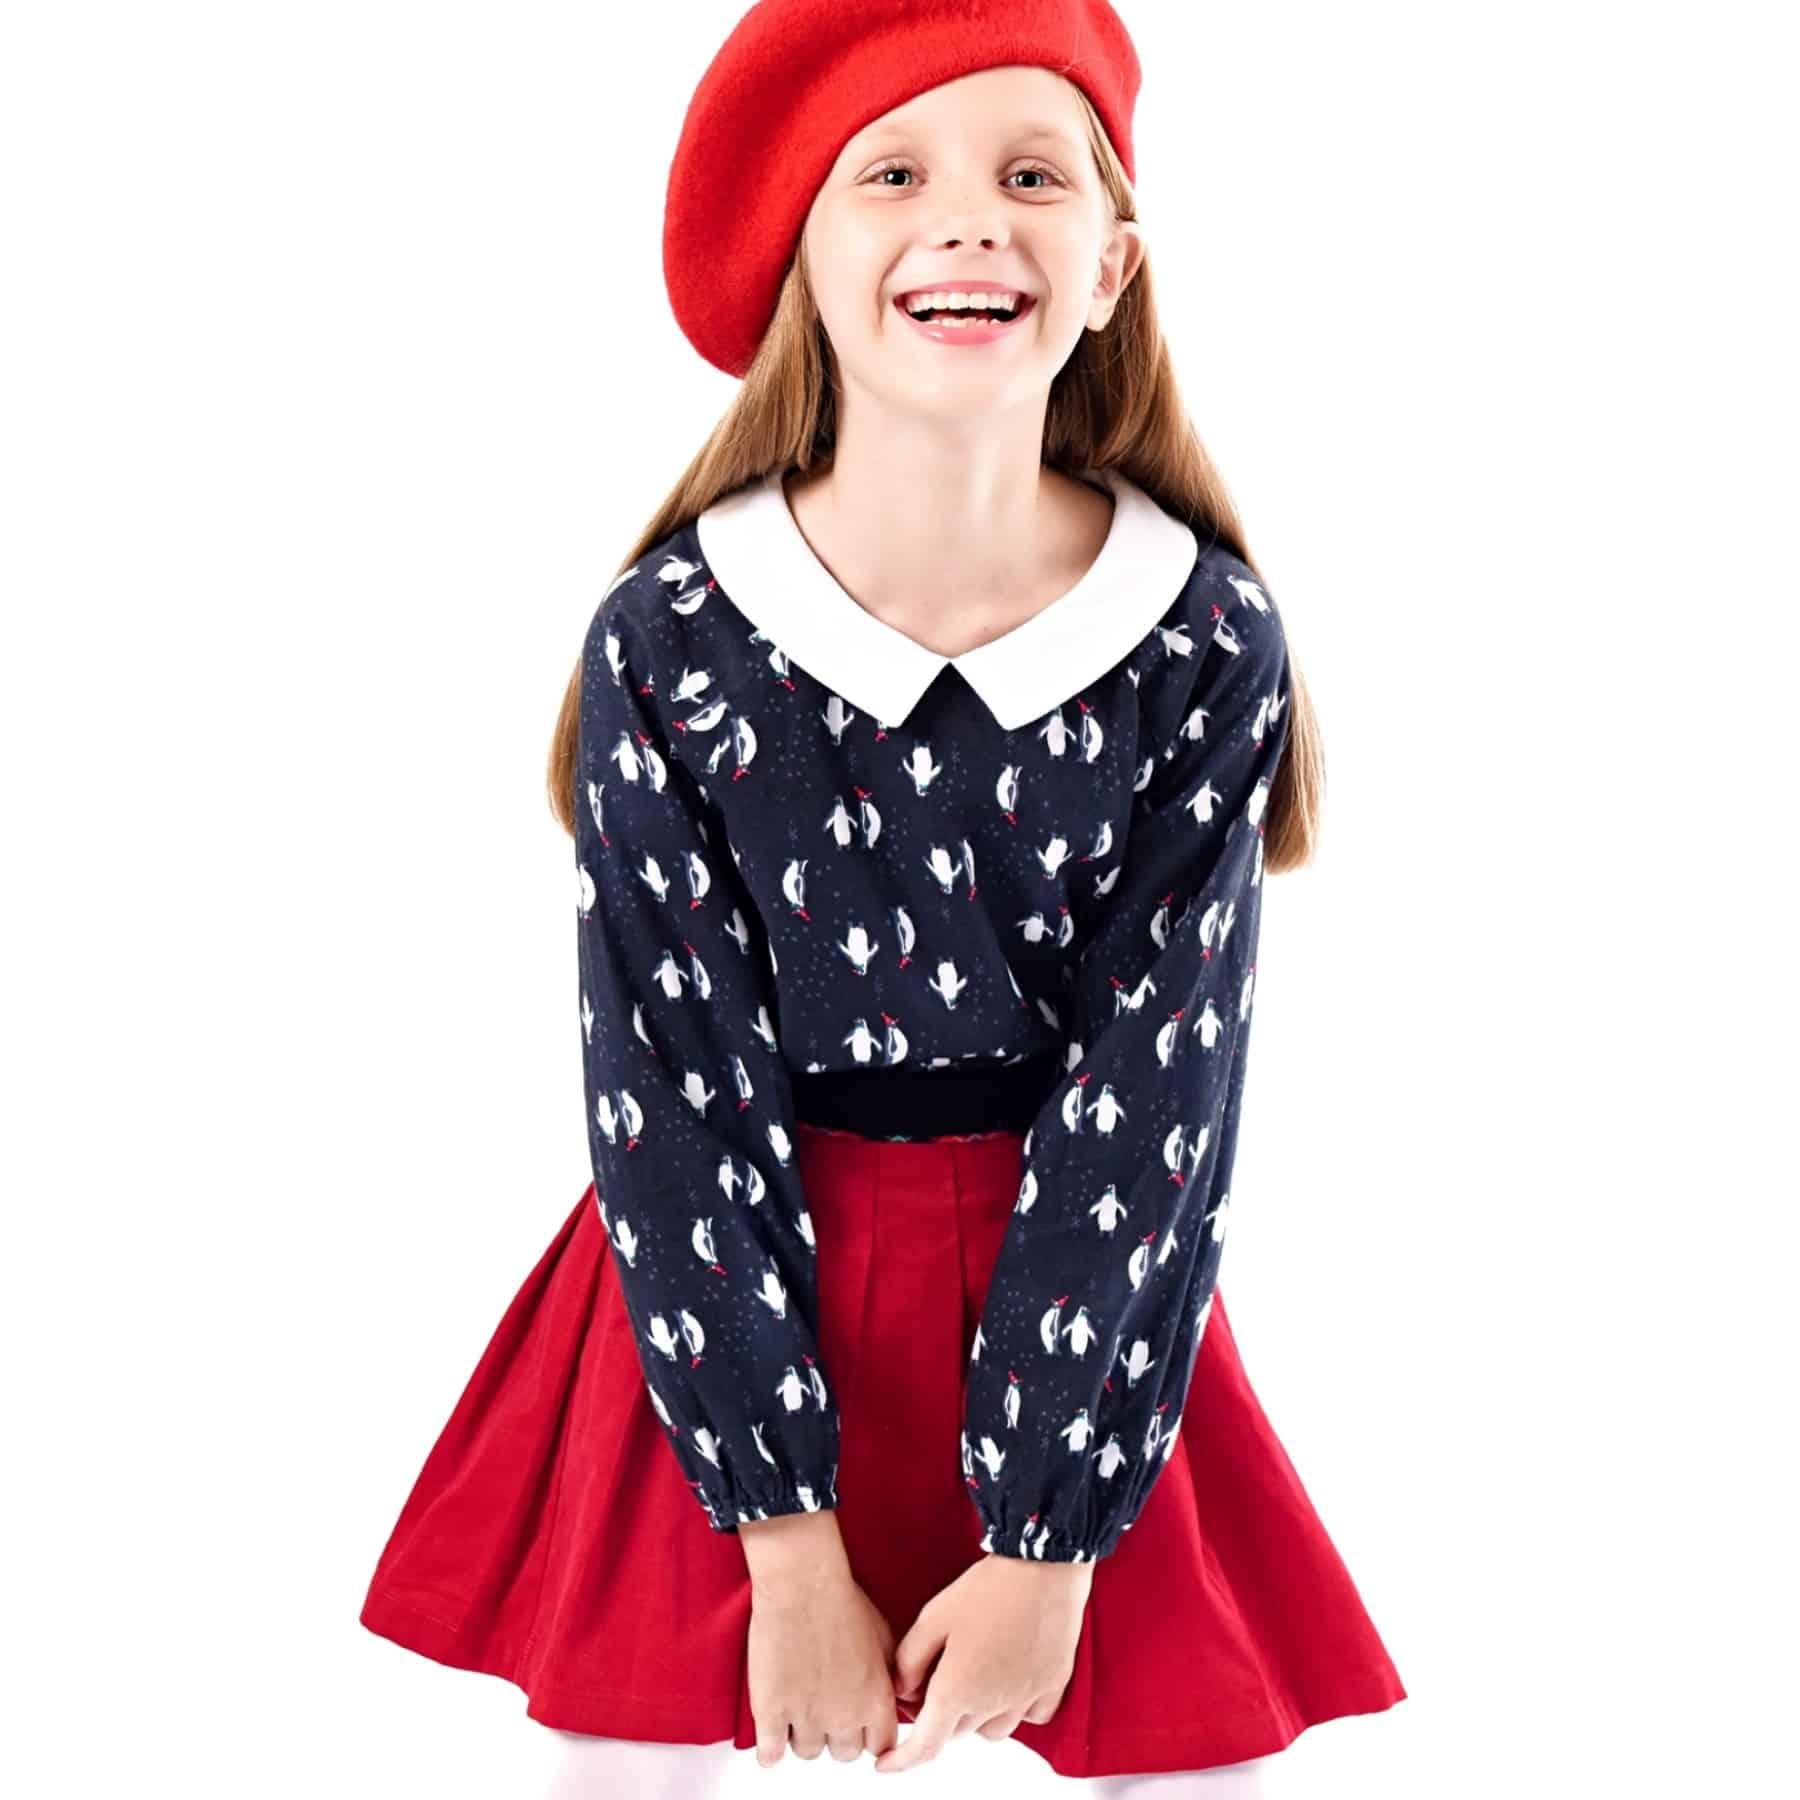 Blouse col Claudine de Noël imprimé fantaisie Pingouins avec bonnet de Père Noël rouge et blanc pour petites filles de 2 à 12 ans